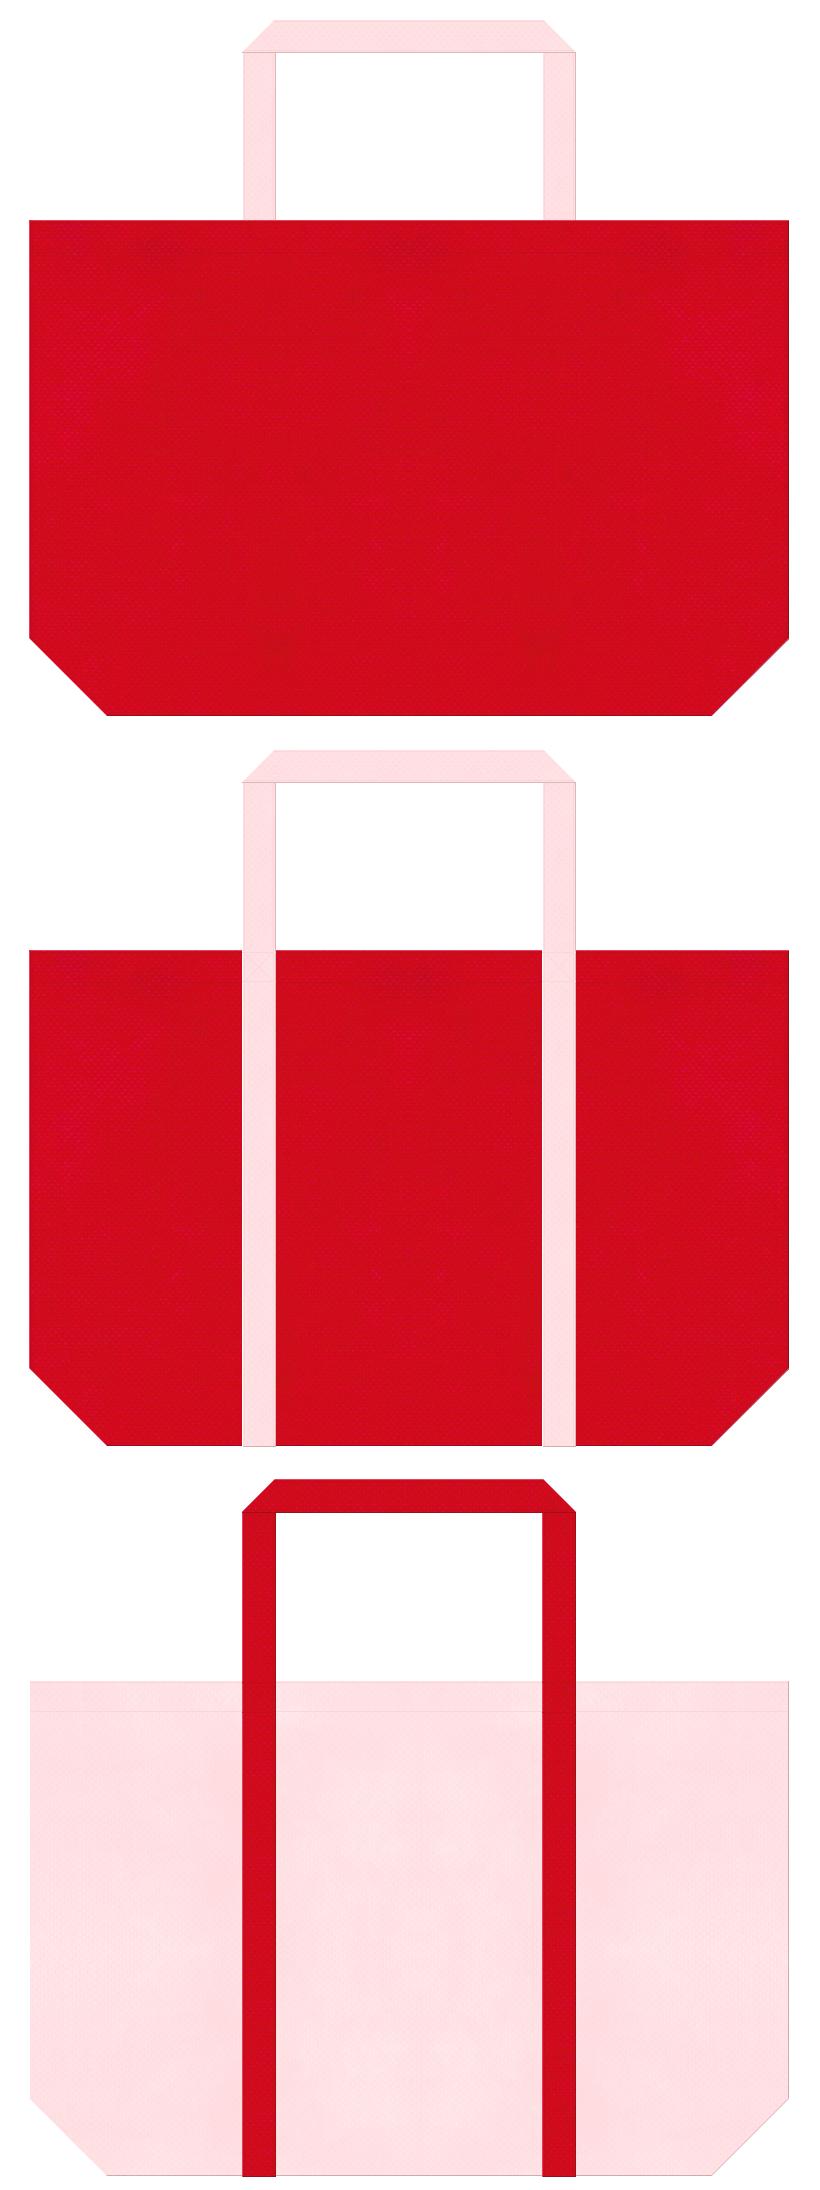 不織布ショッピングバッグのデザイン:紅色と桜色のコーデ。ひな祭り商品のショッピングバッグにお奨めです。